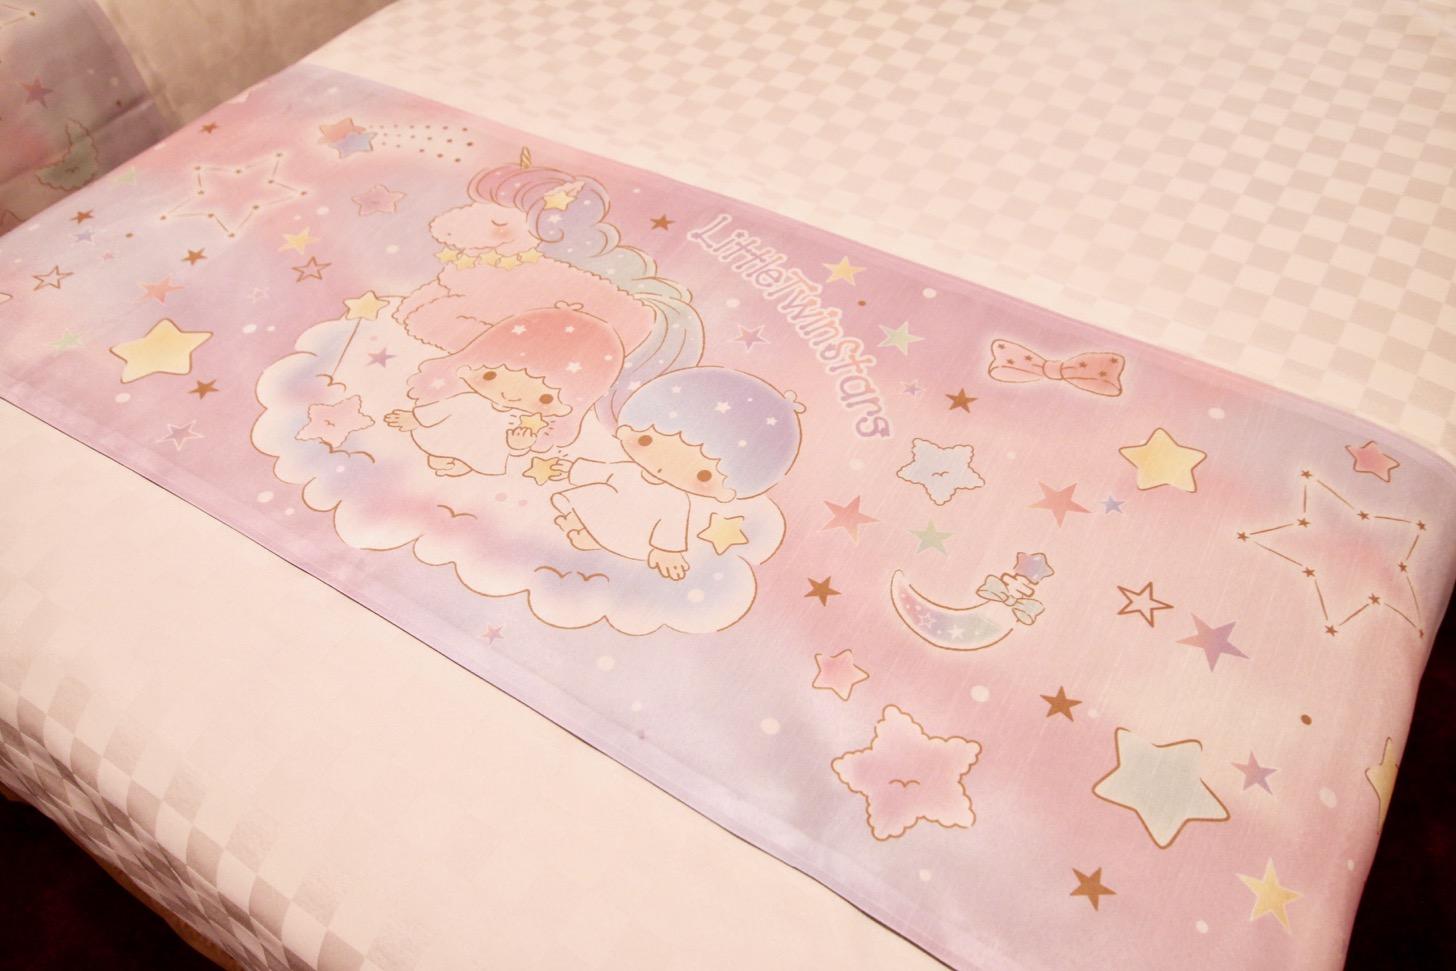 京王プラザホテル多摩 ベッドのフットスローでは、ふわふわの雲の上でユニコーンとキキ&ララがお休み中